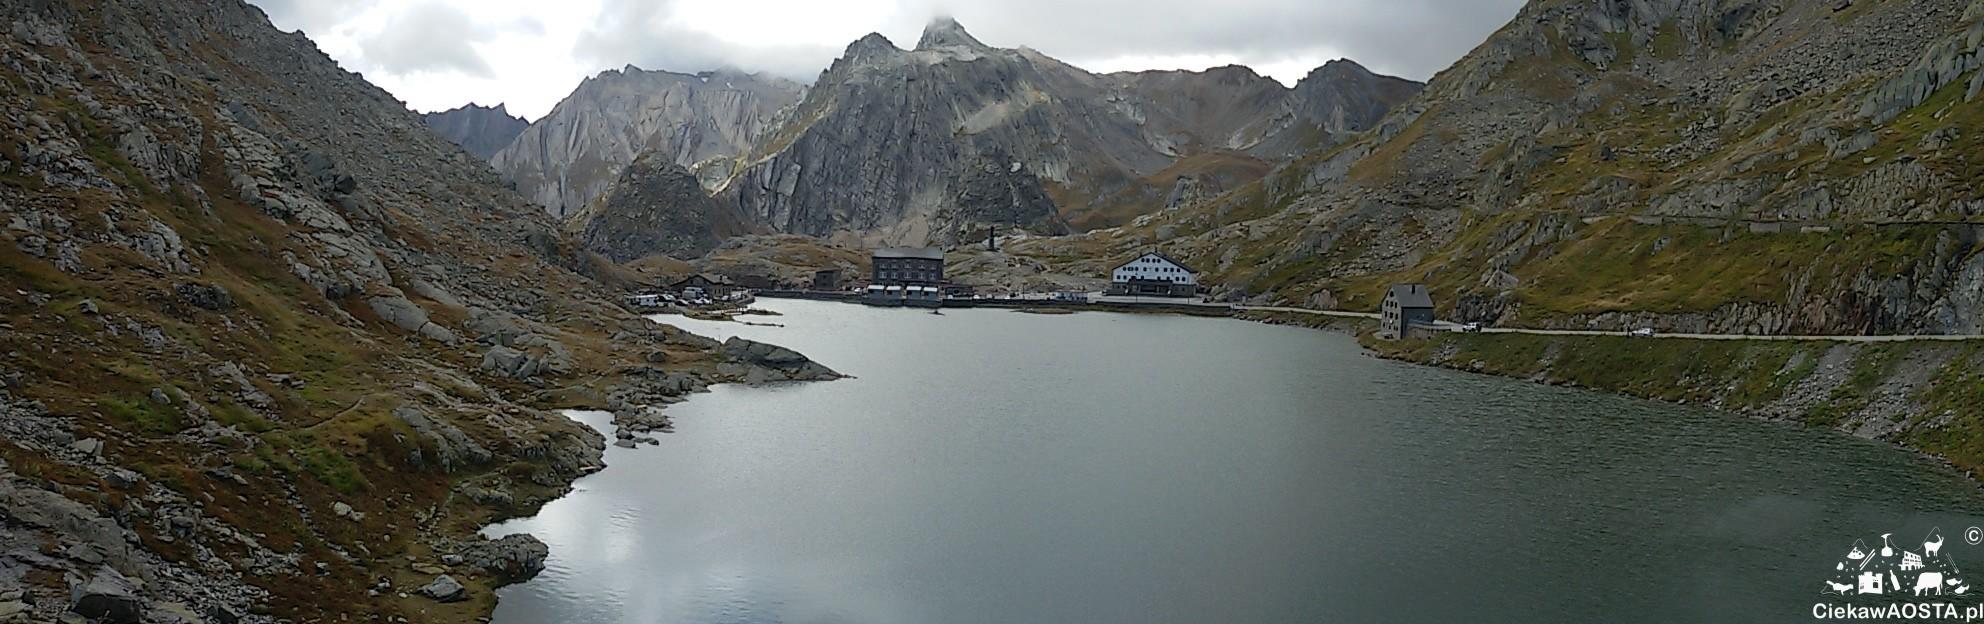 Wielka Przełęcz Świętego Bernarda, widok na włoską stronę.